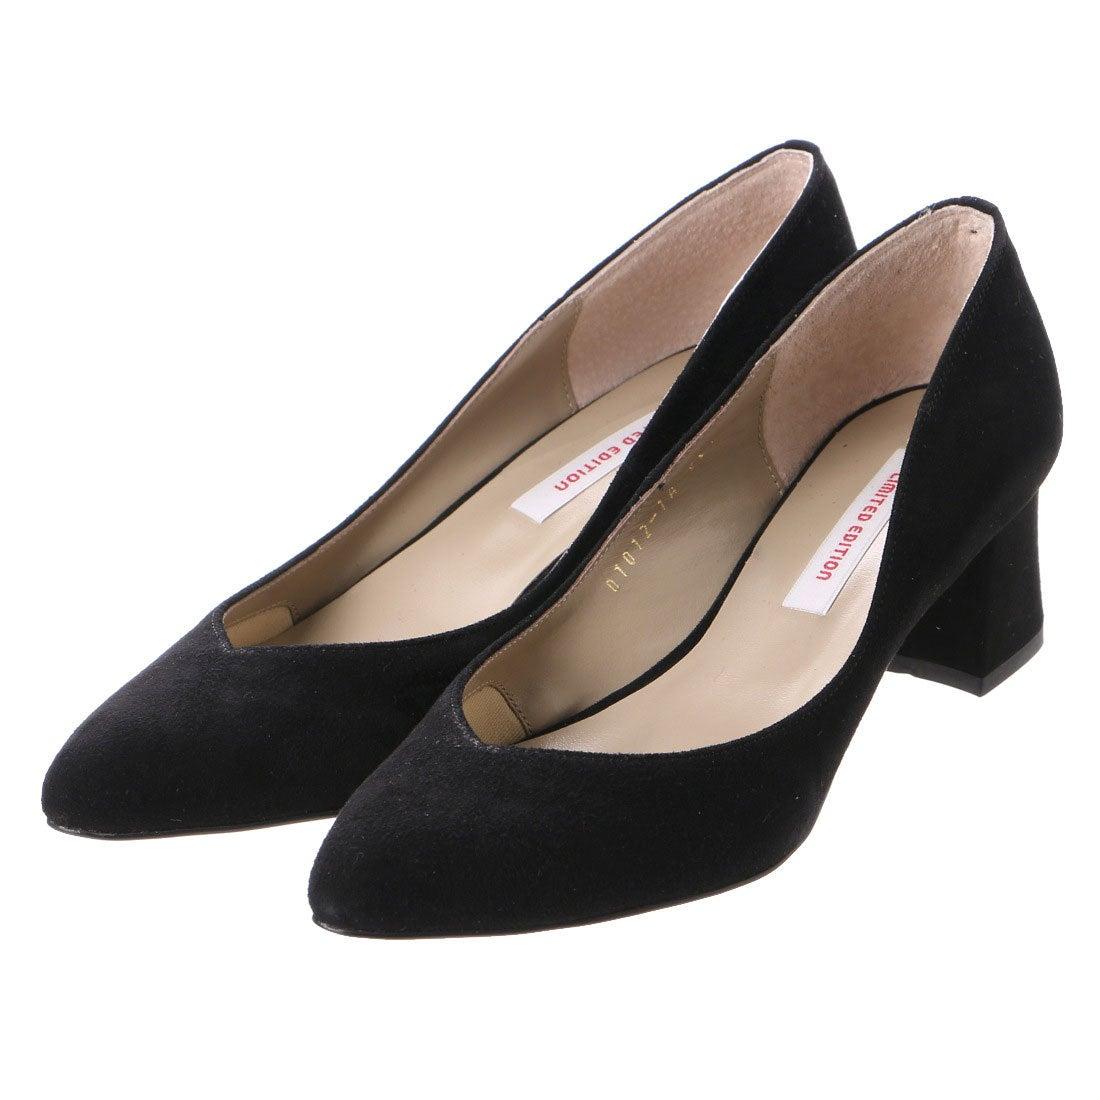 リミテッド エディション LIMITED EDITION パンプス (ブラックスエード) ,靴とファッションの通販サイト ロコンド